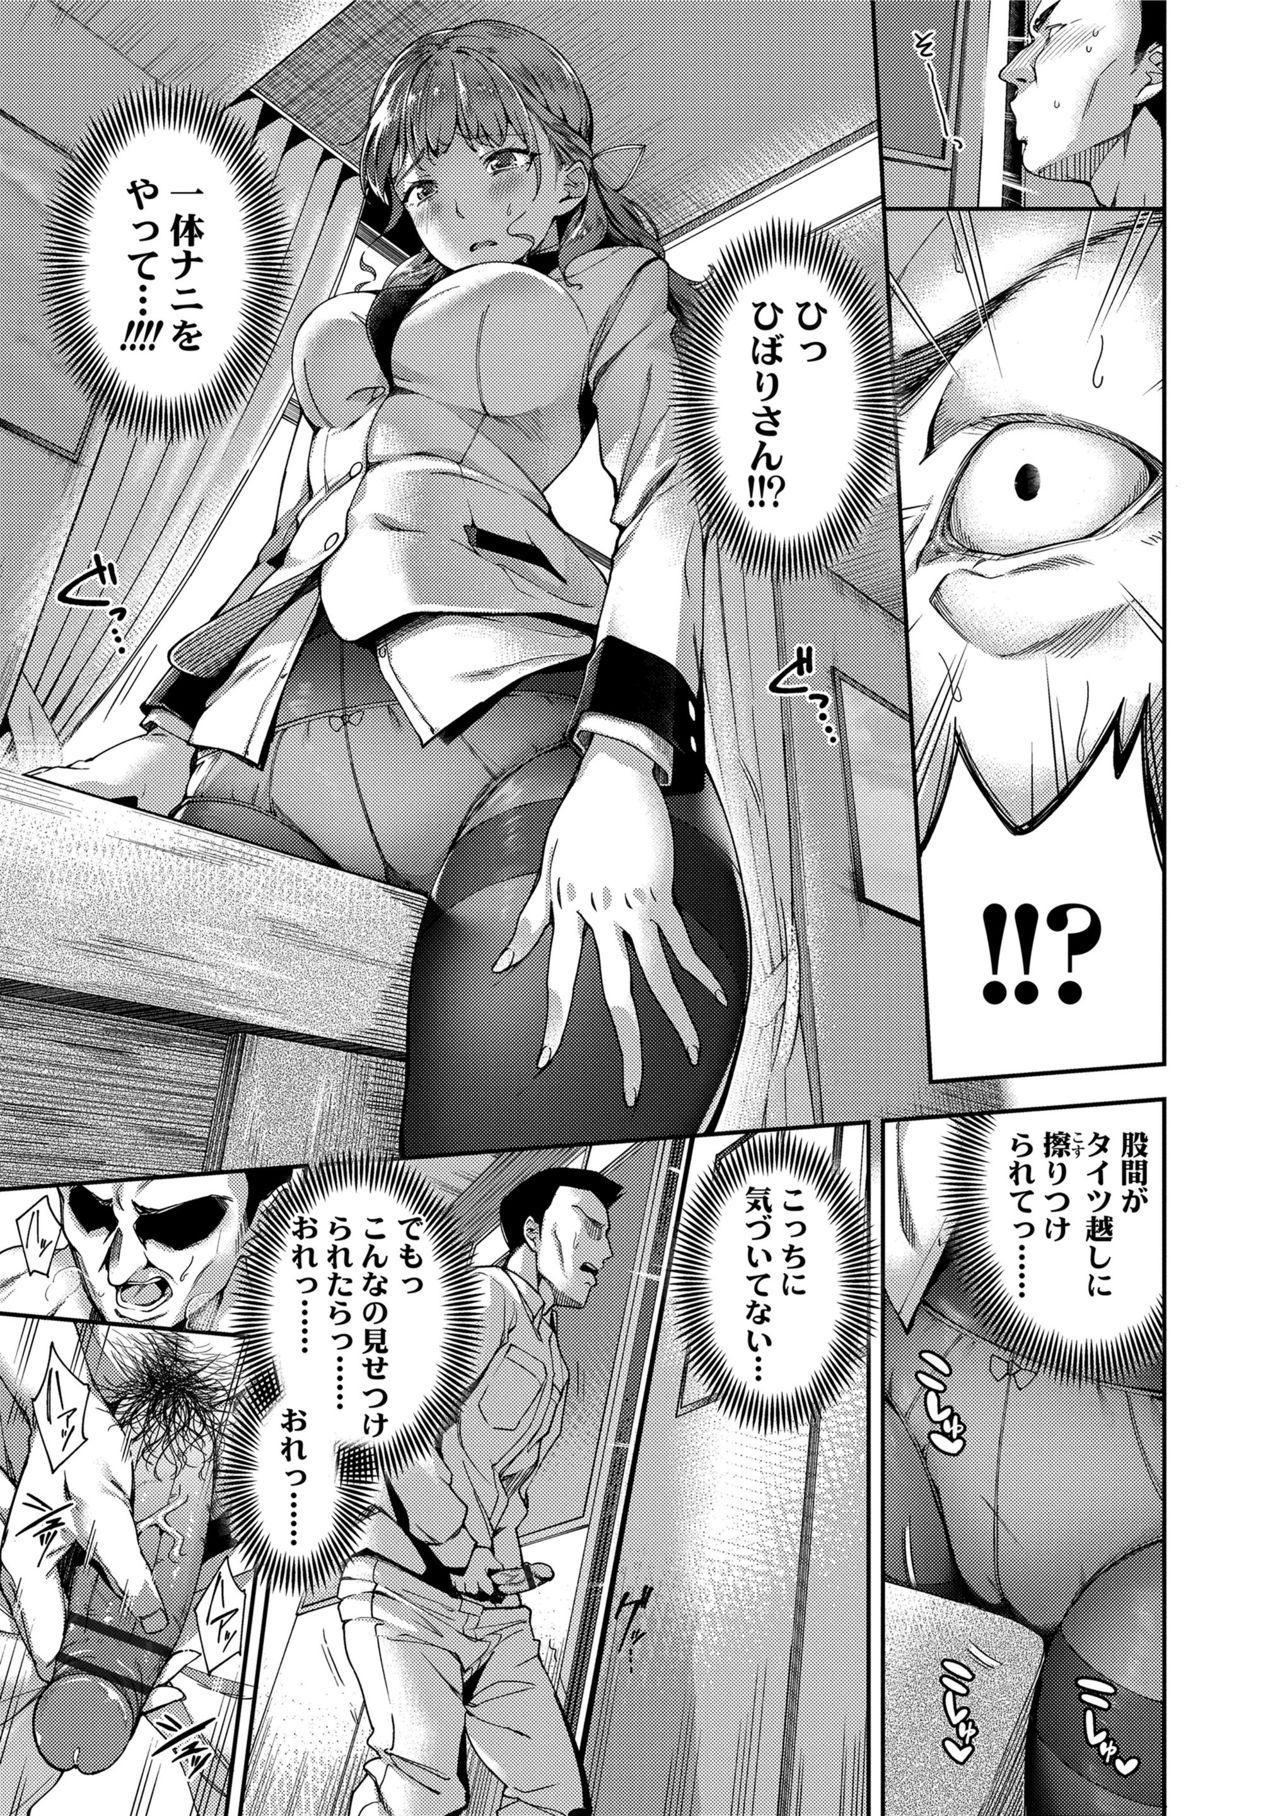 Ai ga Nakutemo Ecchi wa Dekiru! - Even if There is No Love You Can H! 6